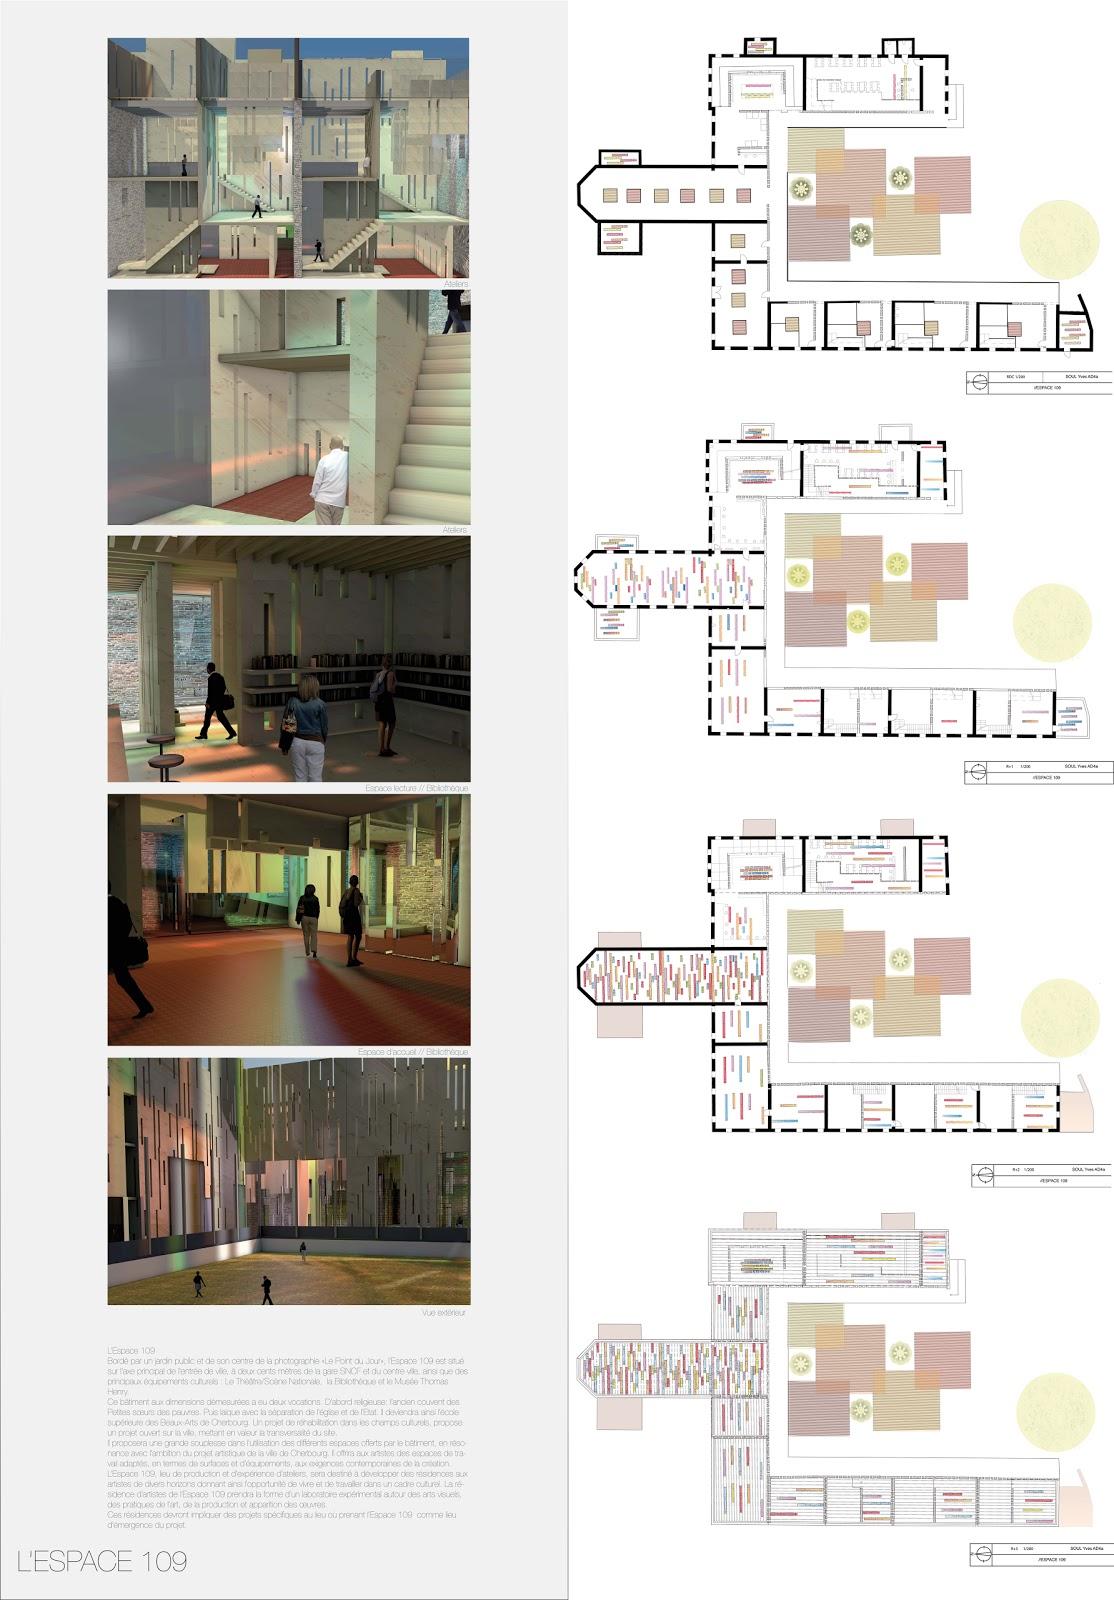 yves soul diplome d 39 architecture d 39 int rieur l 39 espace 109. Black Bedroom Furniture Sets. Home Design Ideas